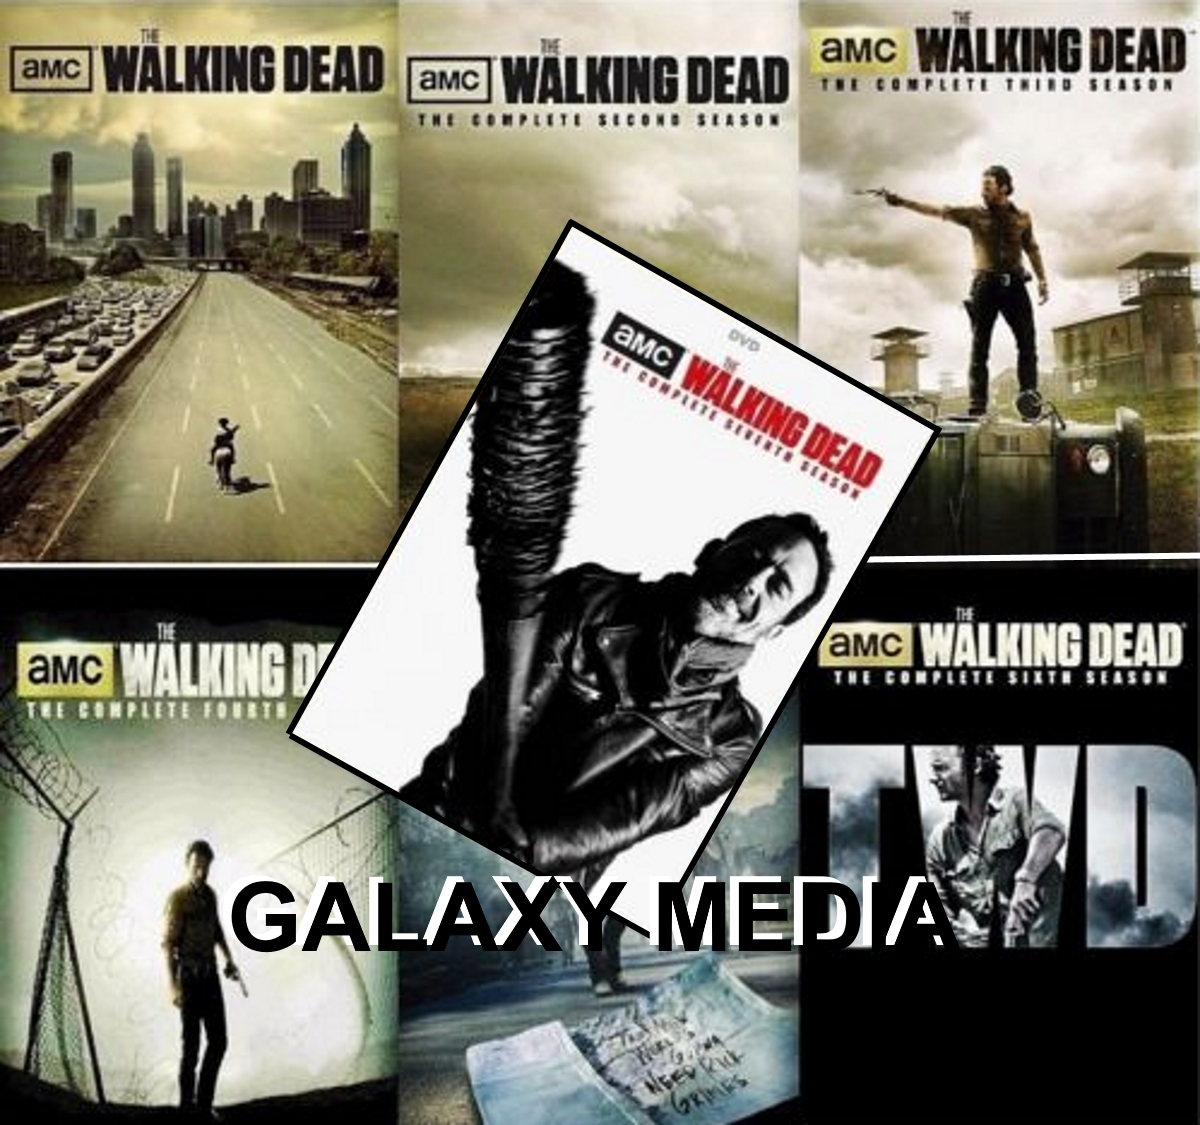 Walking dead season 5 release date dvd in Brisbane